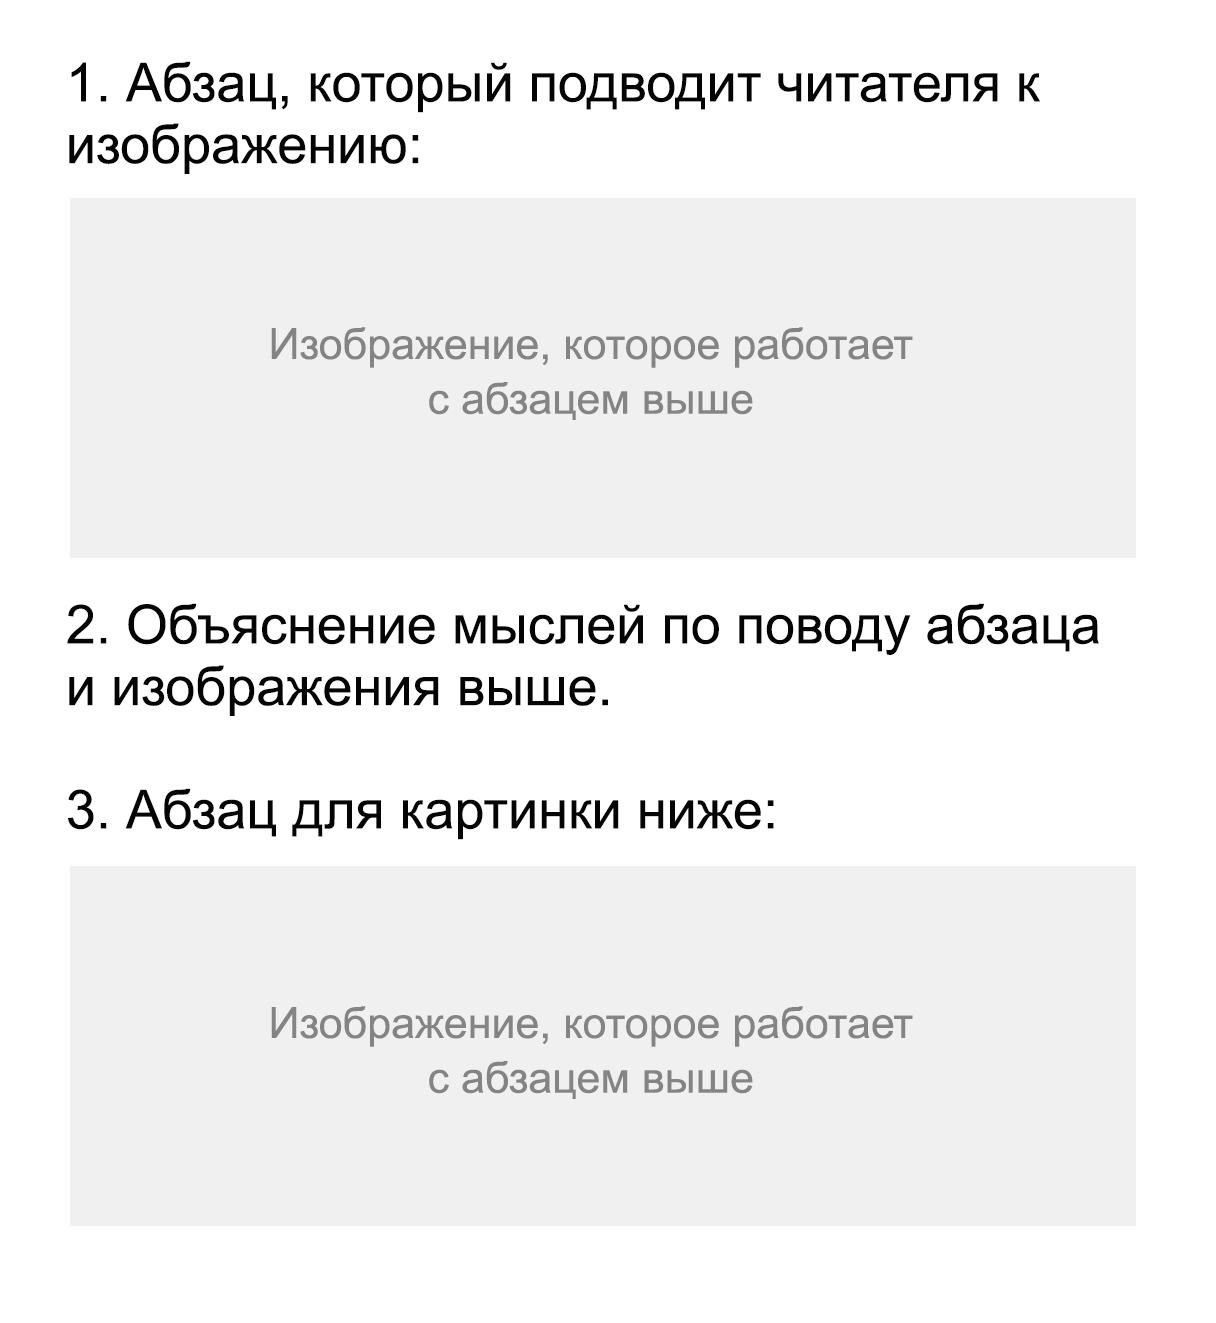 Плохая реклама Яндекс.Дзена